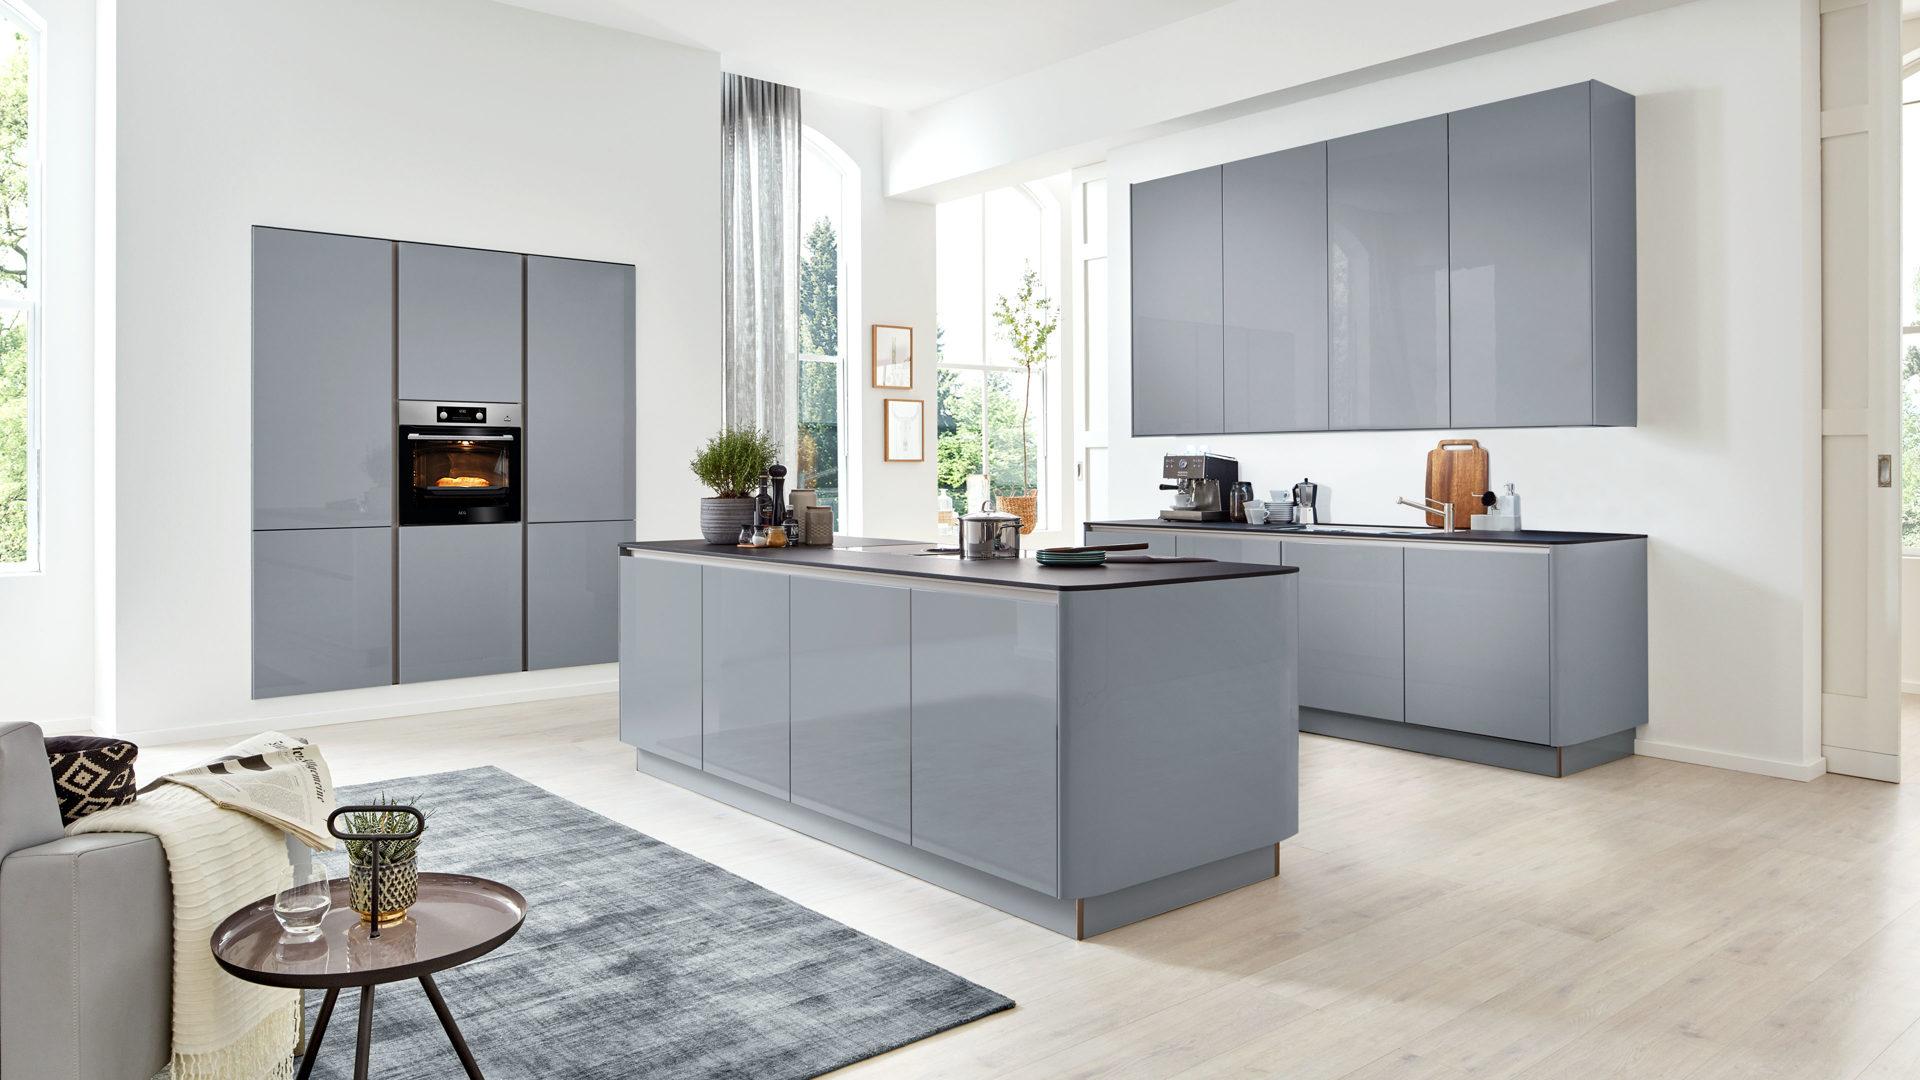 Interliving Küche Serie 20 mit AEG Einbaugeräten, papyrusgraue  Hochglanzoberflächen – dreiteilig